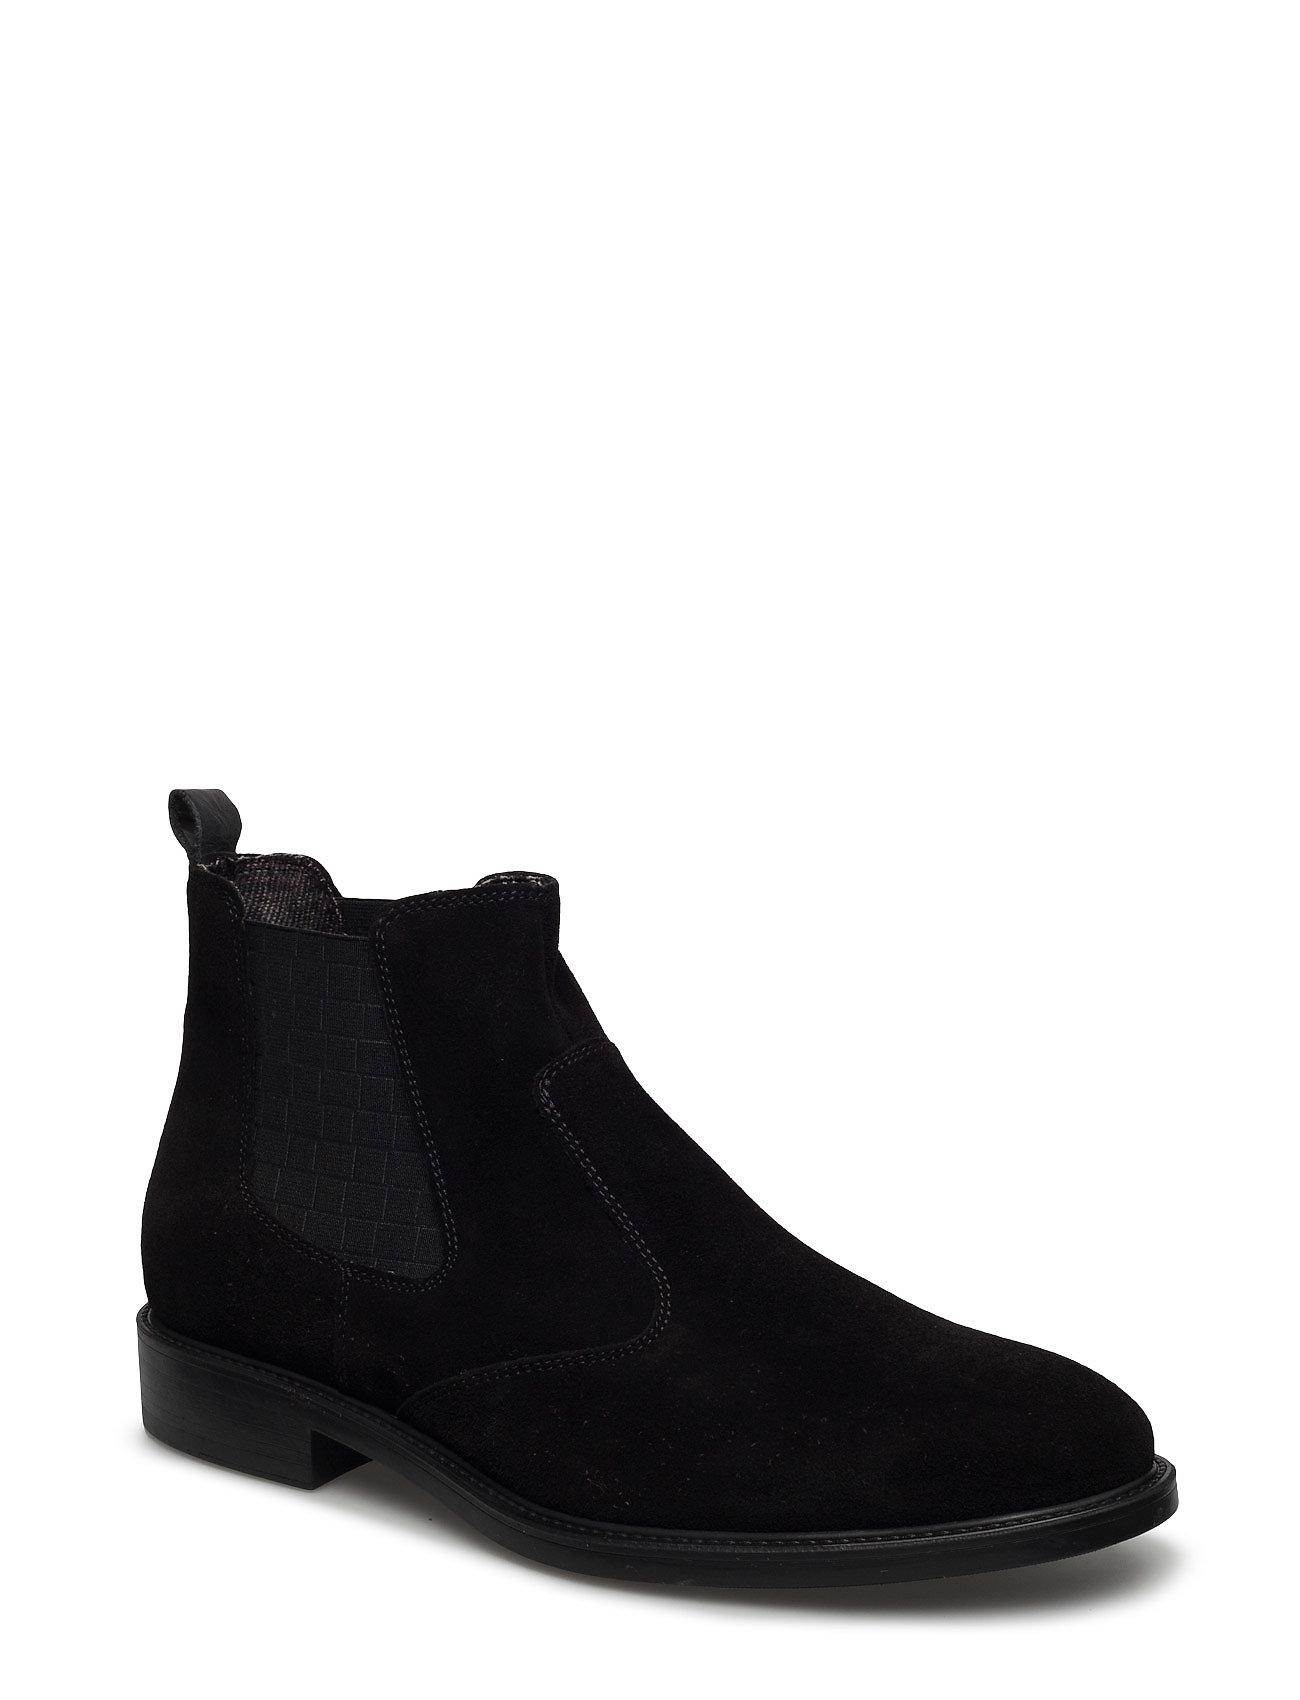 2970 Playboy Footwear Støvler til Herrer i